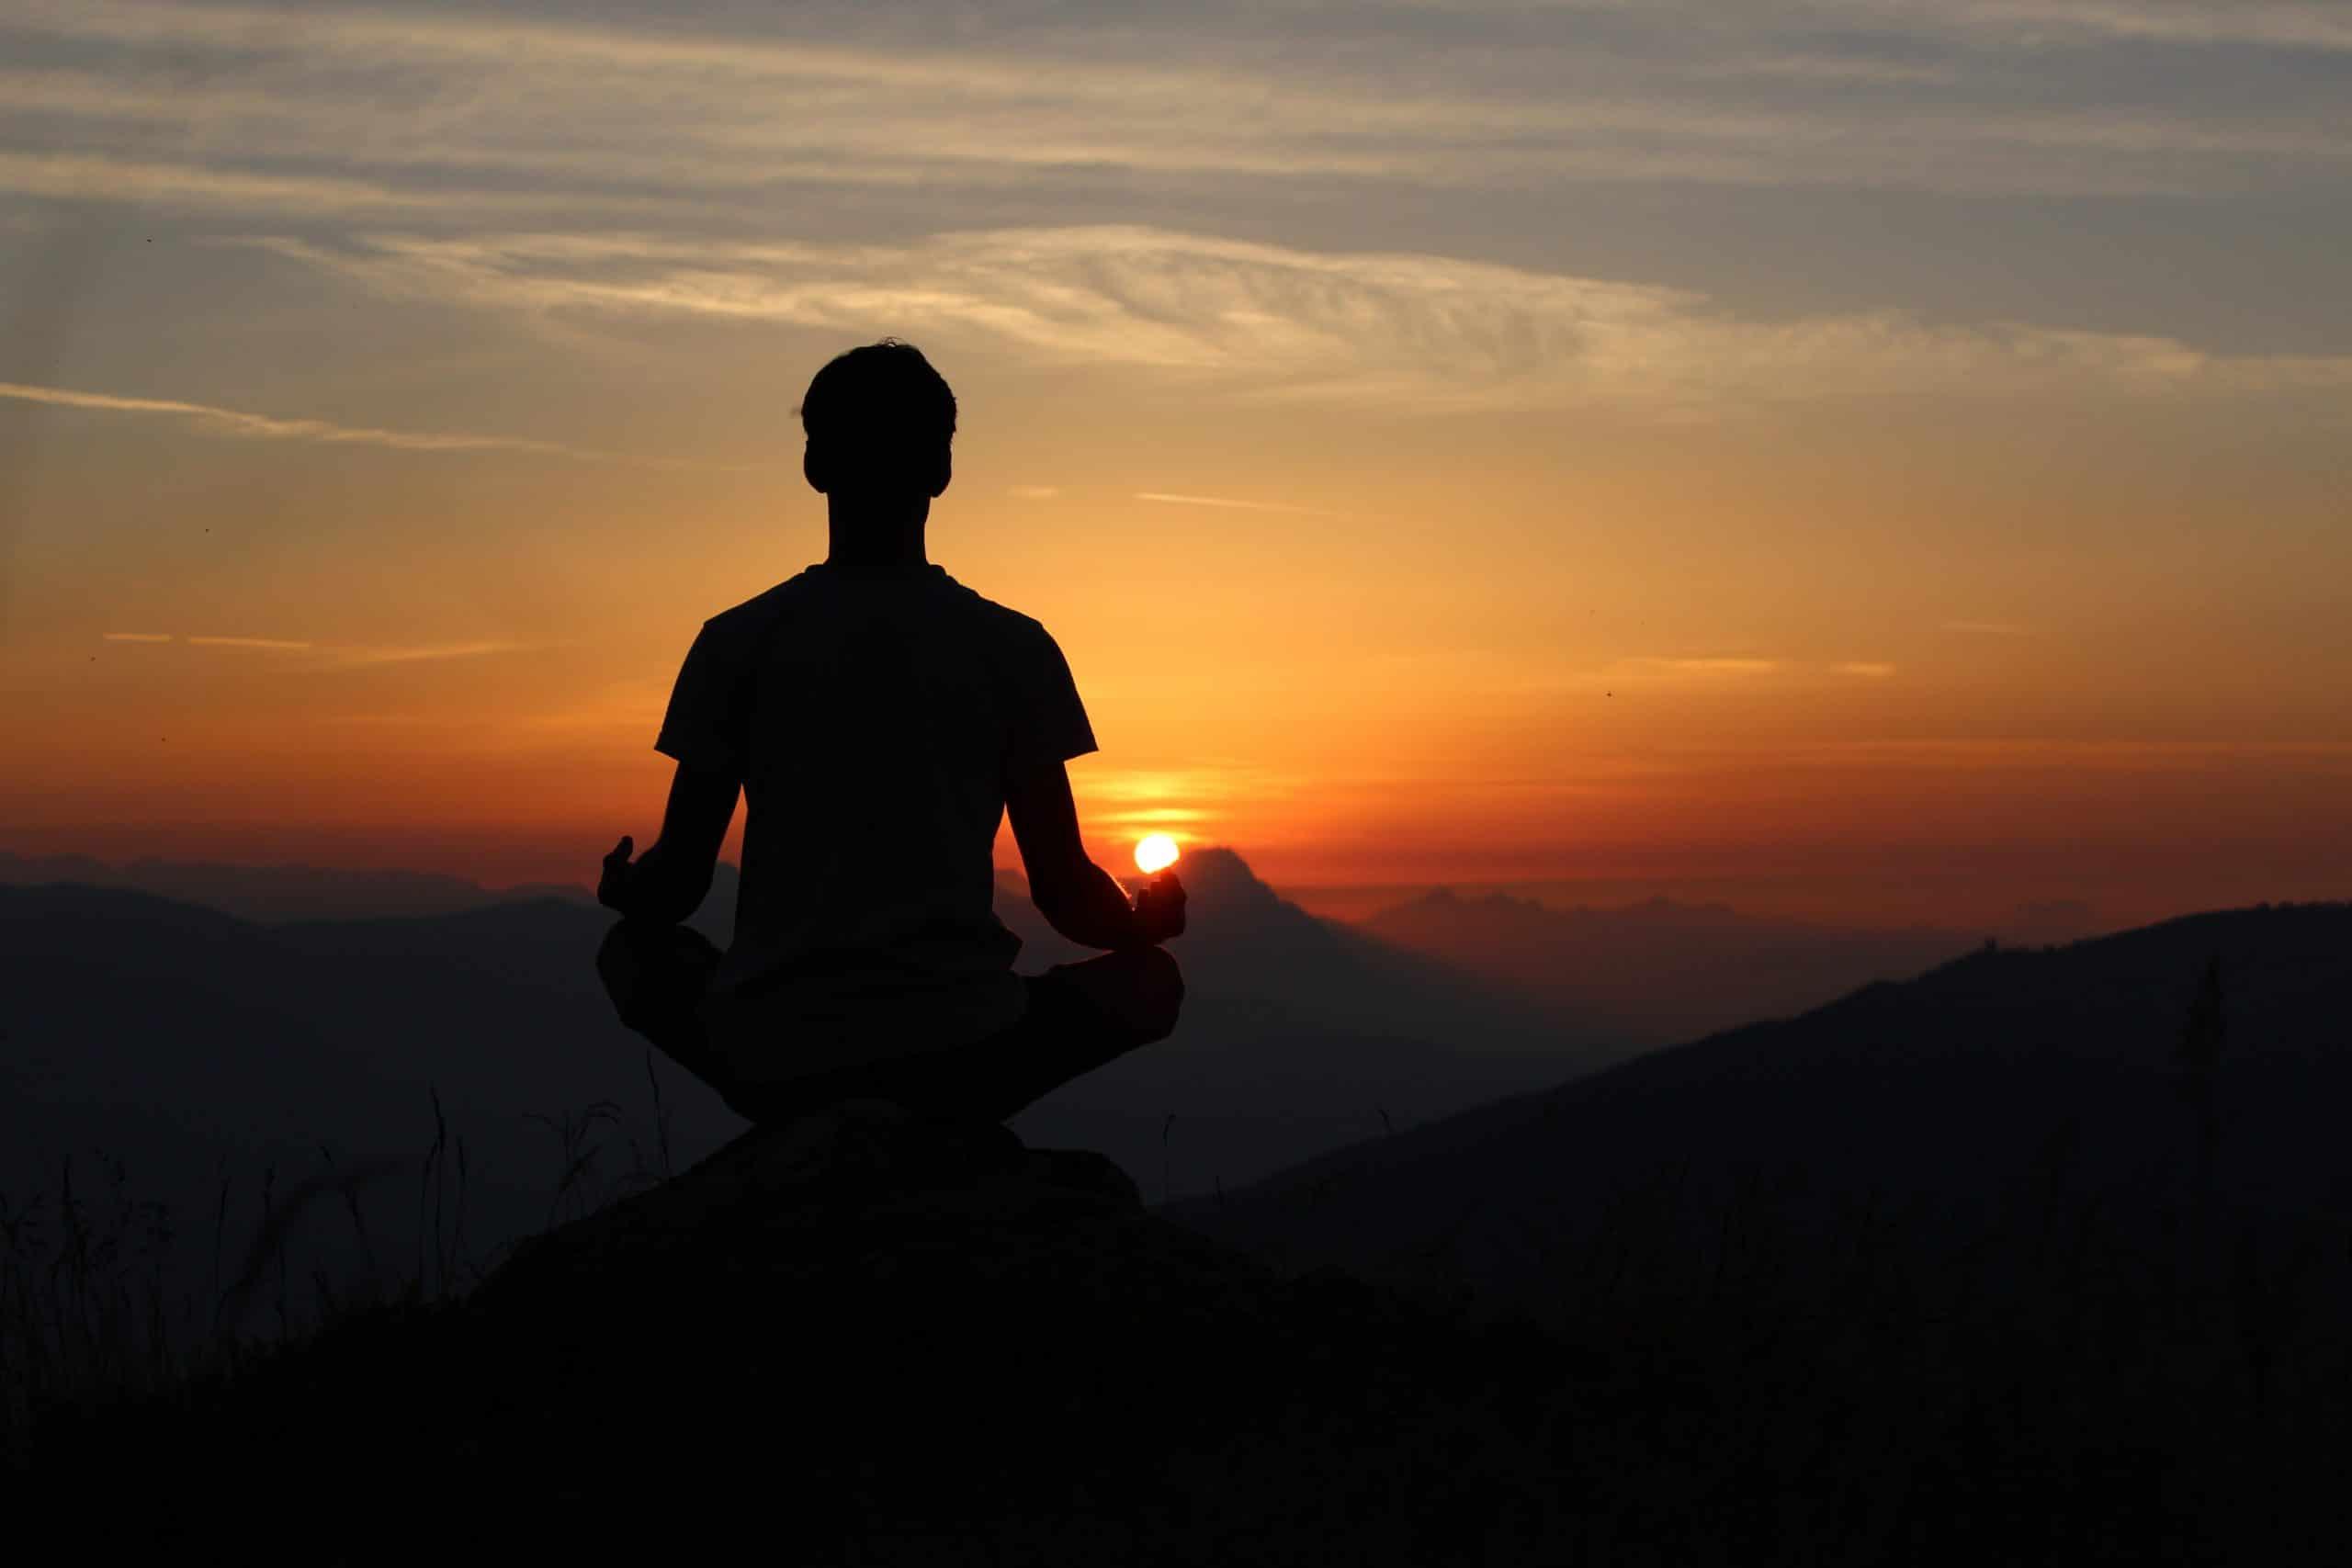 Homem meditando diante do pôr do sol.